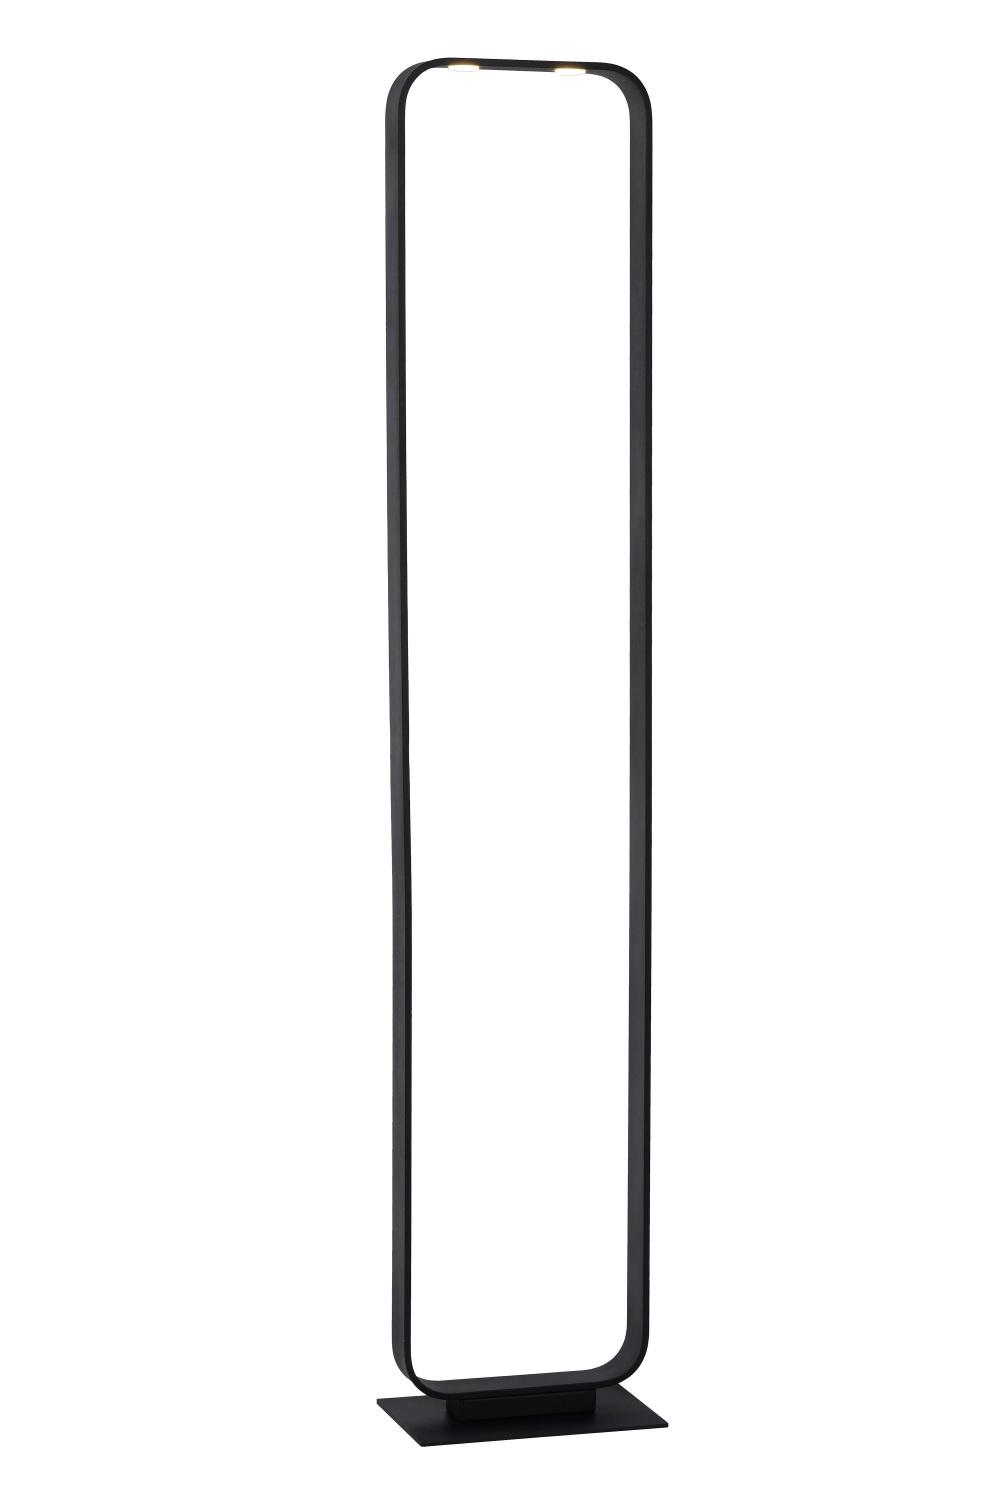 Lucide MIKA Vloerlamp-Zwart-LED Dimb.-8,5W-3000K-Staal